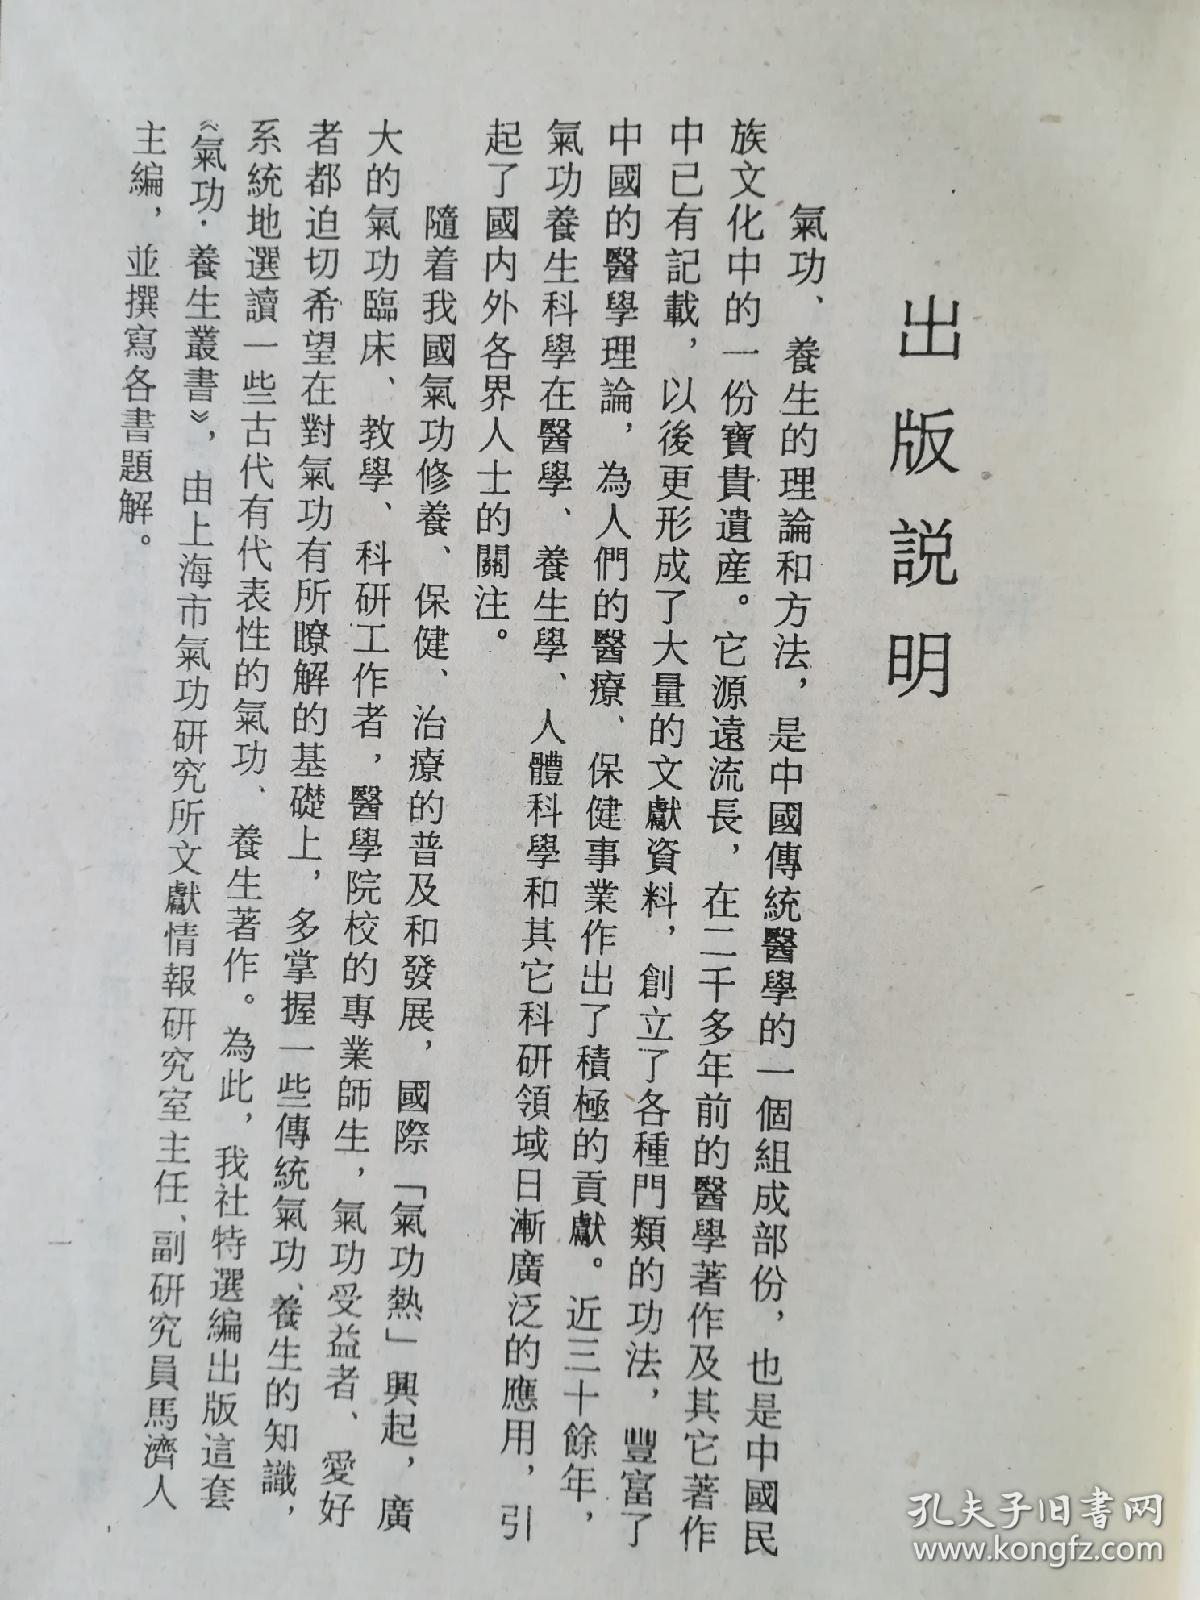 金丹曲谱_金丹犬